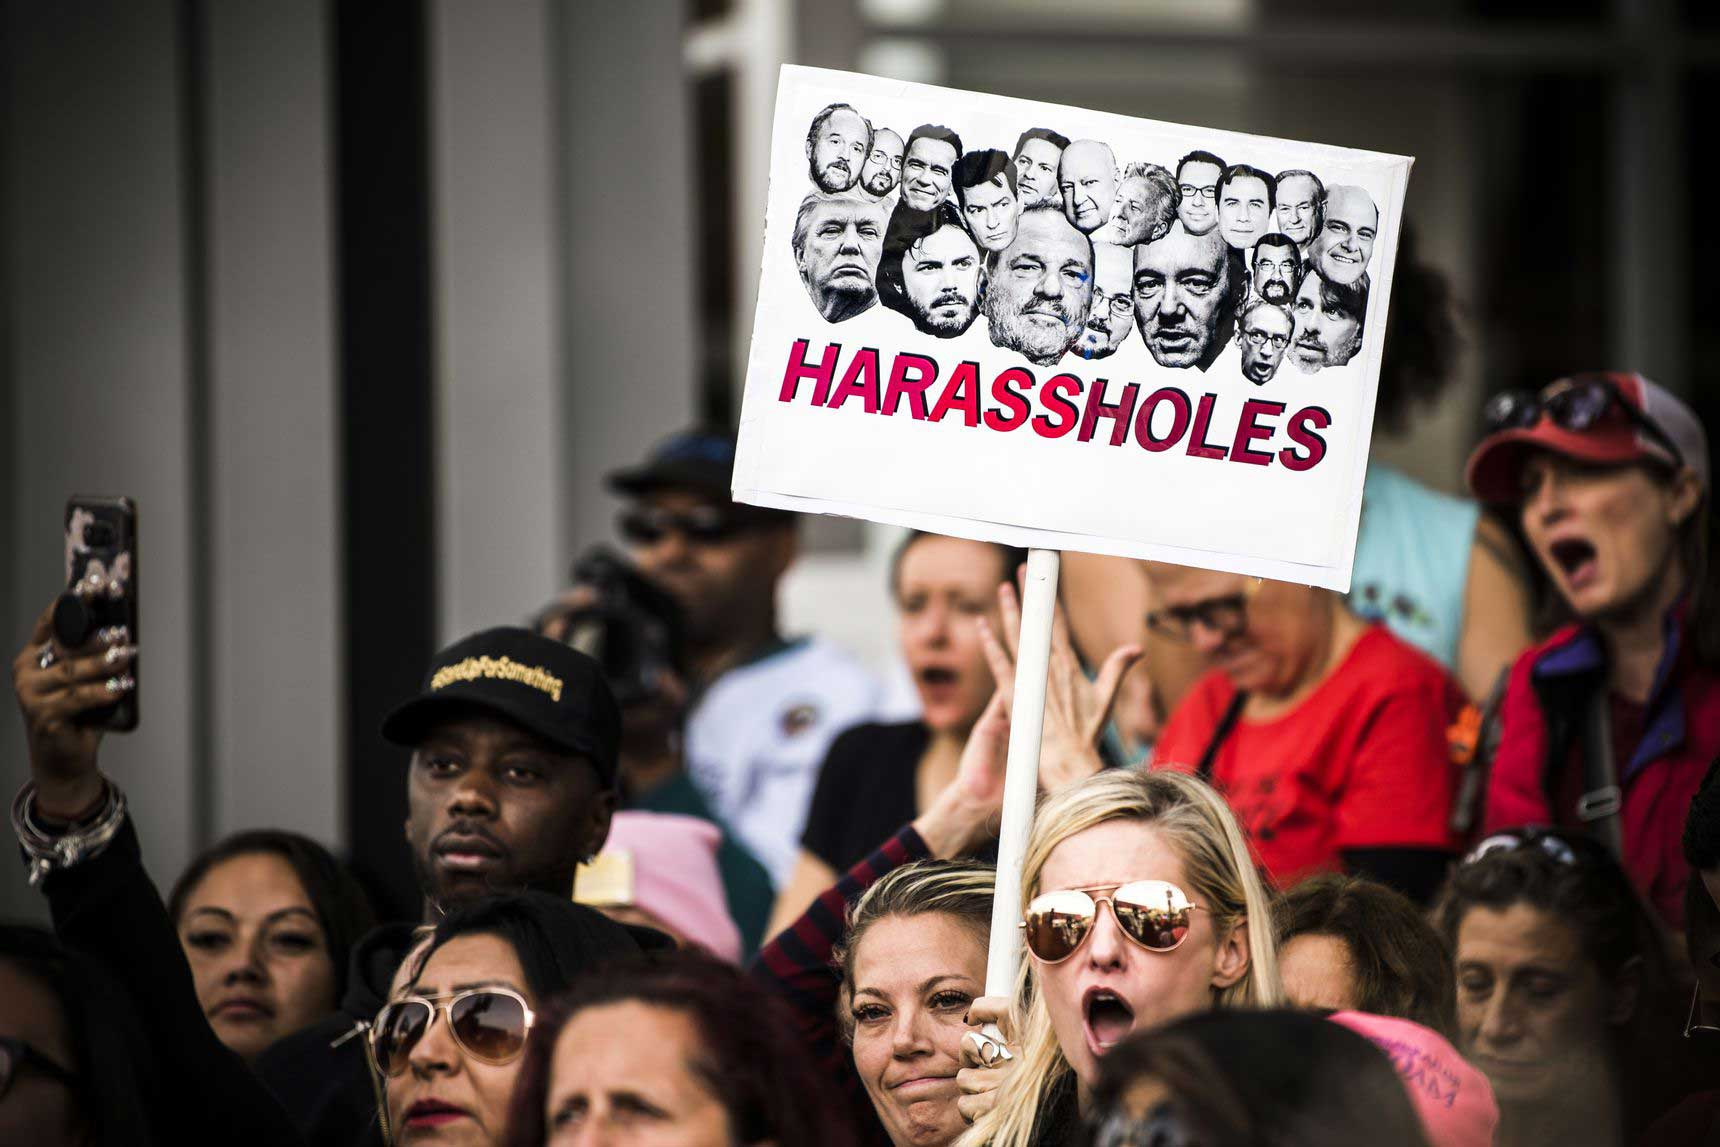 در 12 نوامبر 2017، معترضین به یک راهپیماییِ میتو در لسآنجلس پیوستند